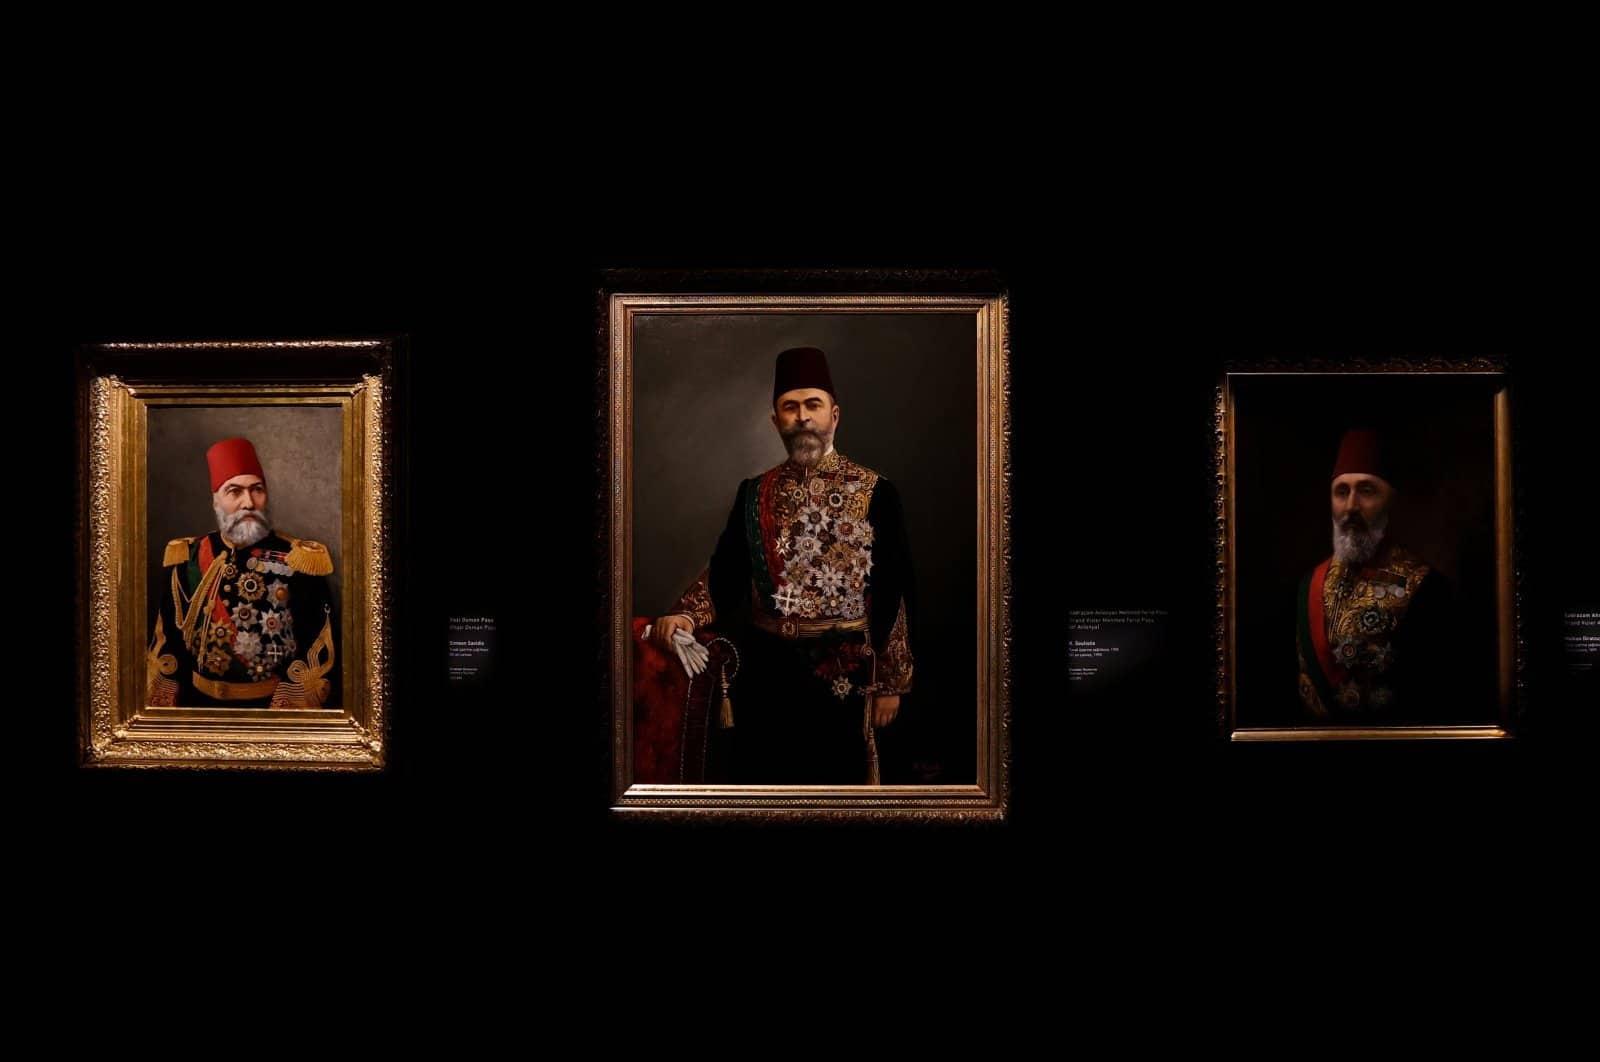 arte turca al museo